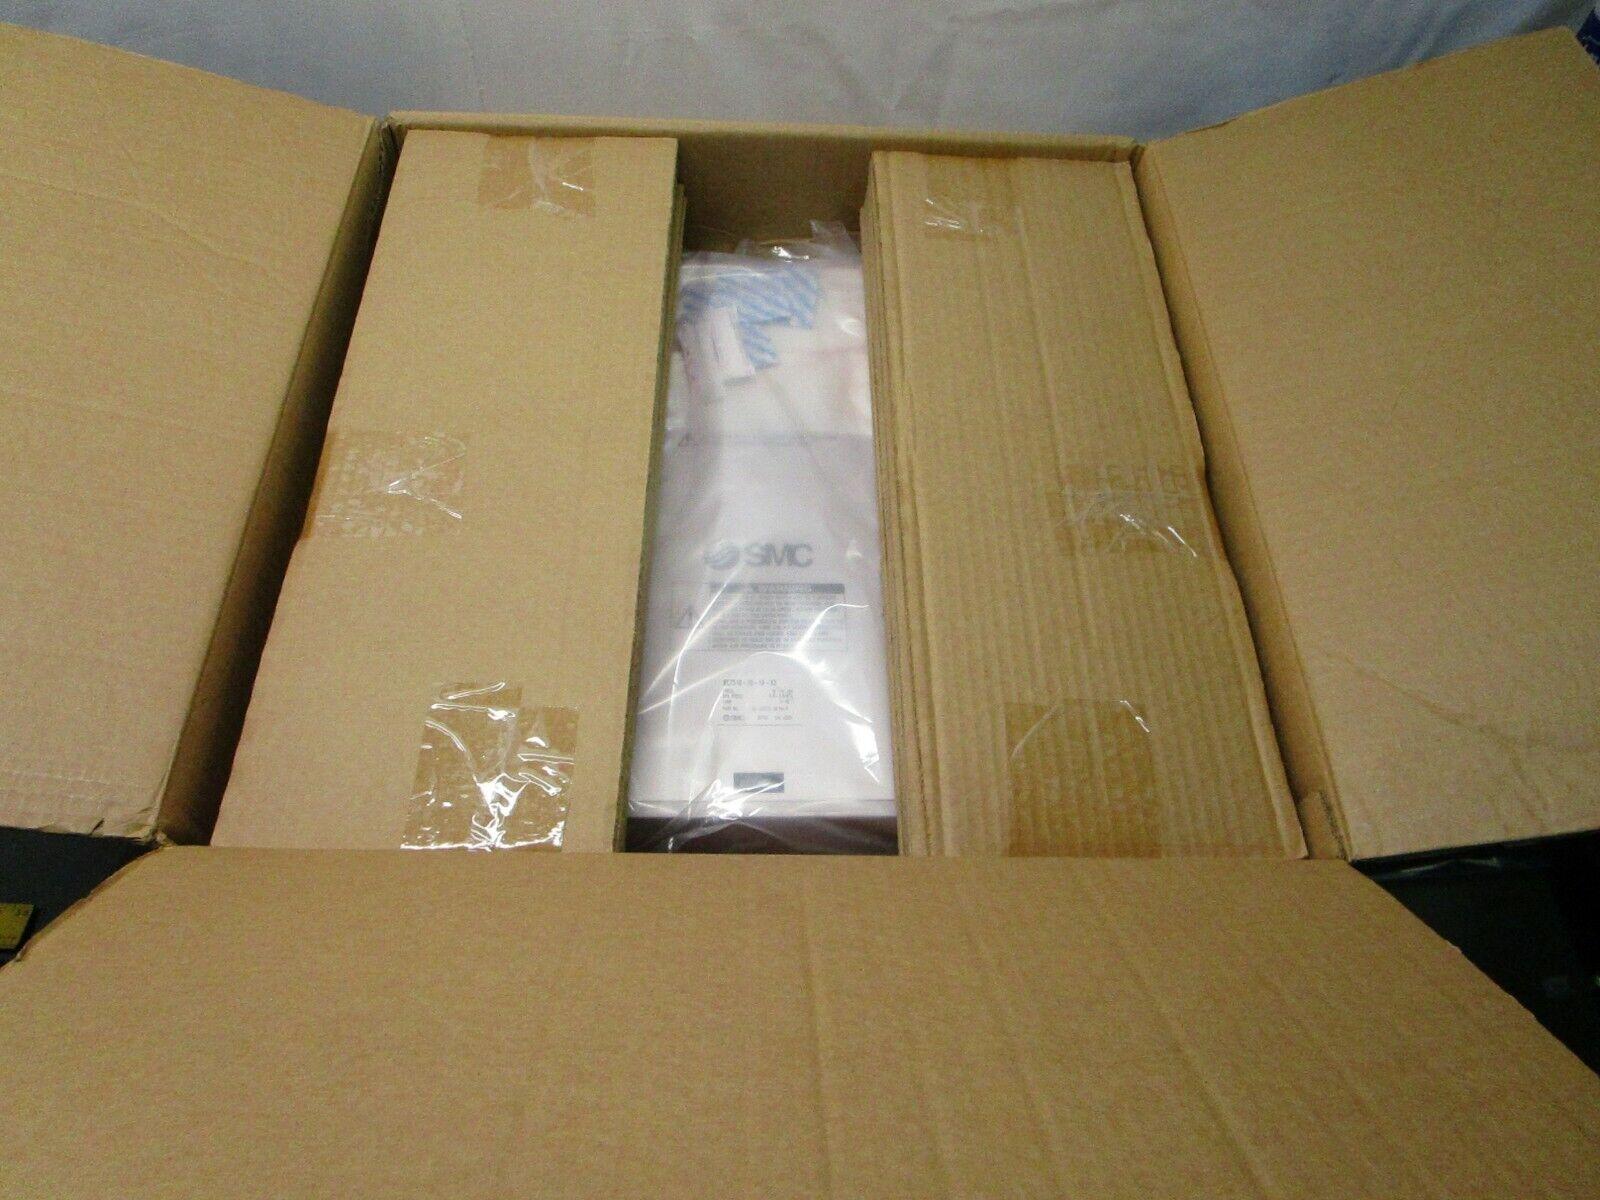 SMC XGT310-30-1A-X2 Gate Valve, Novellus 60-313773-00, 101220